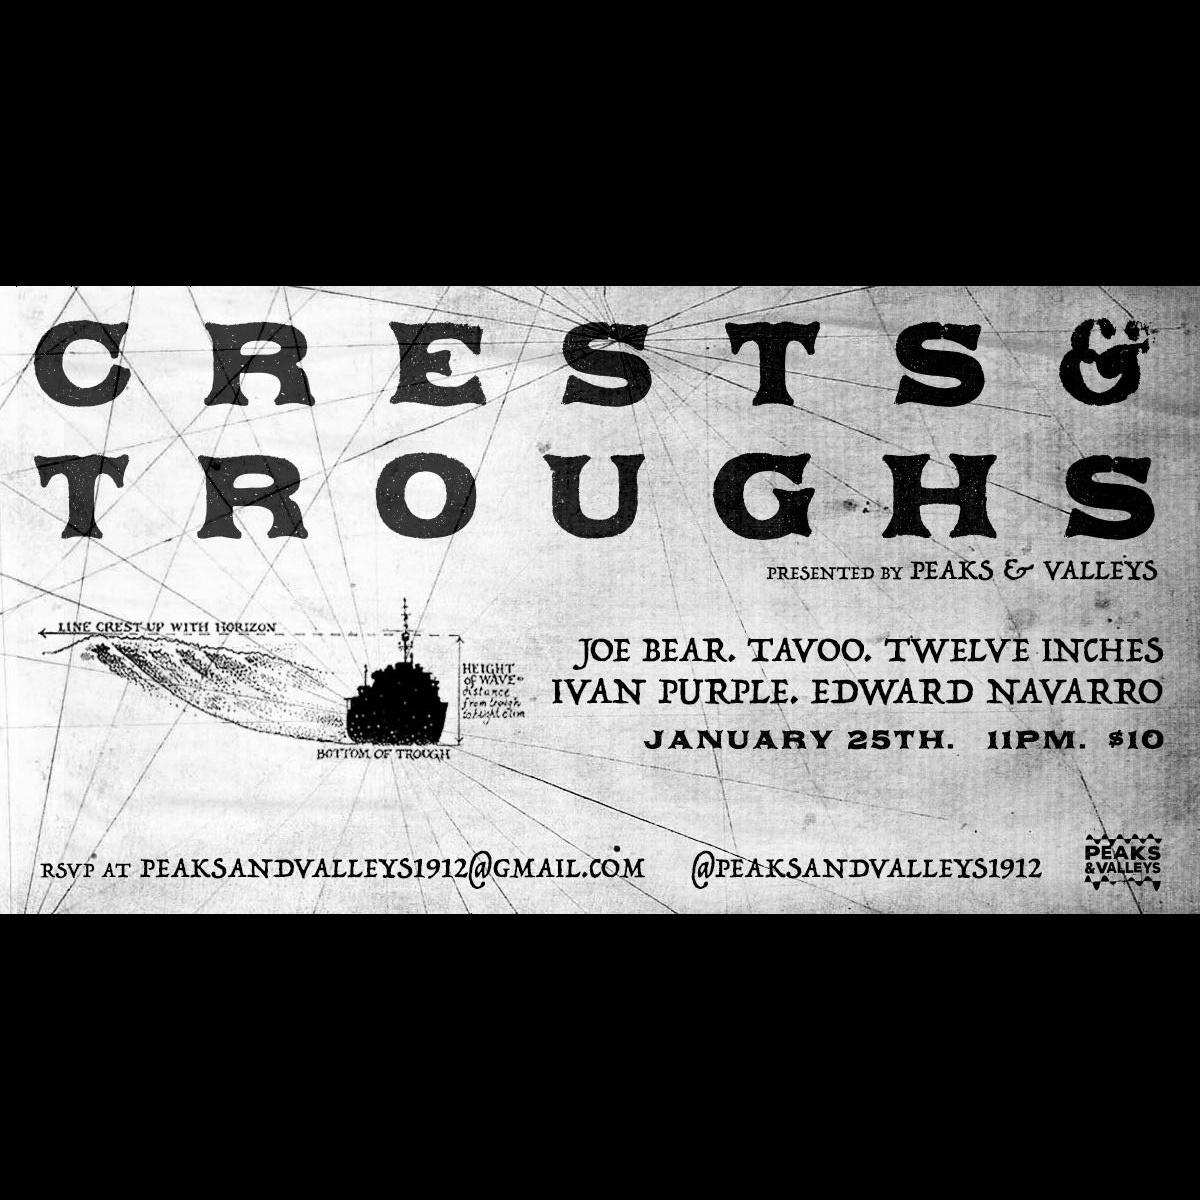 Crests & Troughs